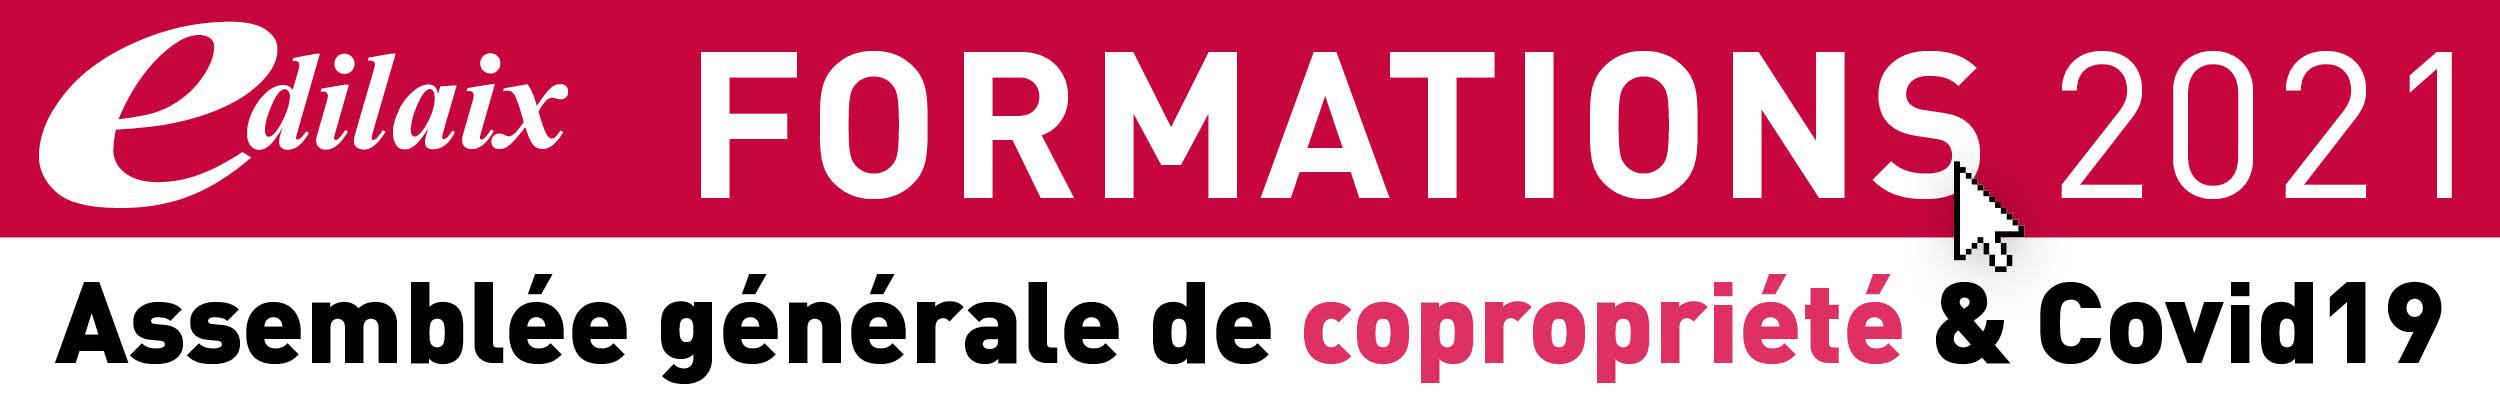 Formation copropriété : Assemblée générale & Covid19